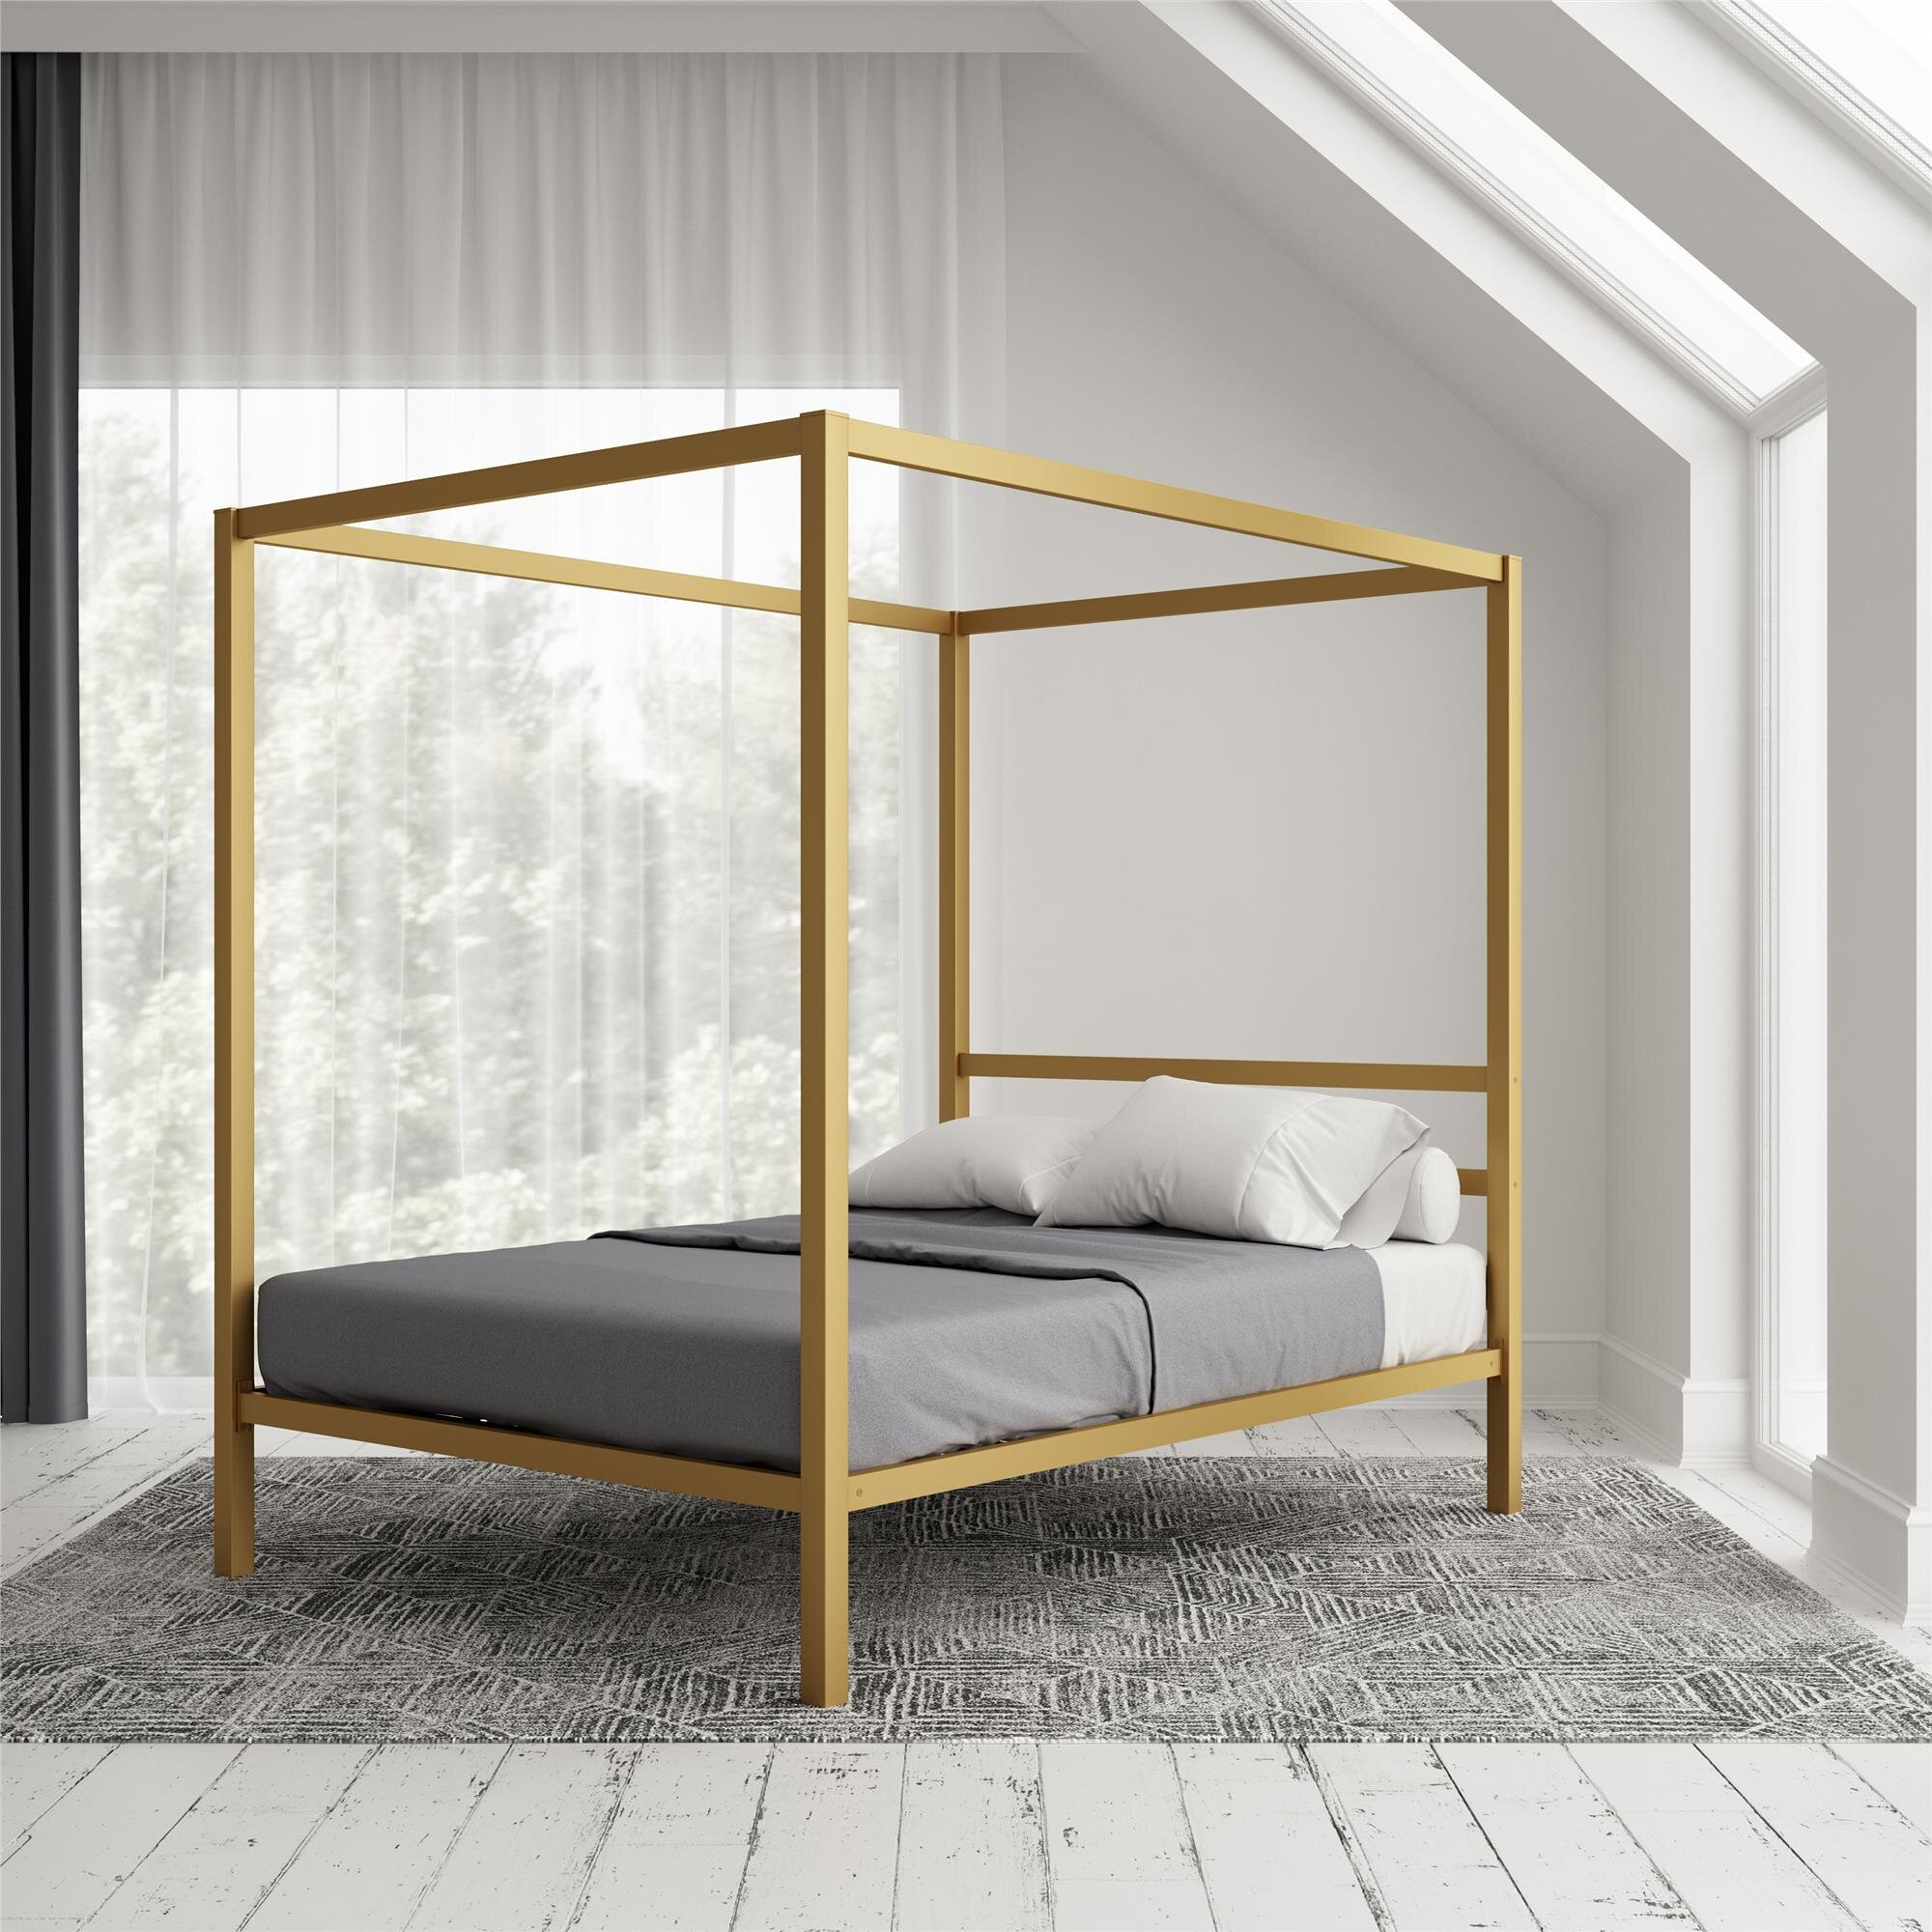 Hashtag Home Dubay Canopy Bed Reviews Wayfair